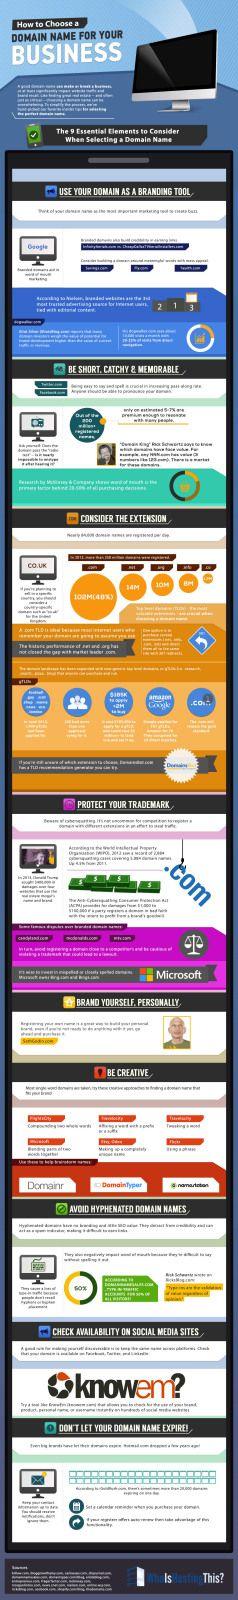 Cómo elegir el mejor dominio para tu empresa #infografia #infographic #marketing